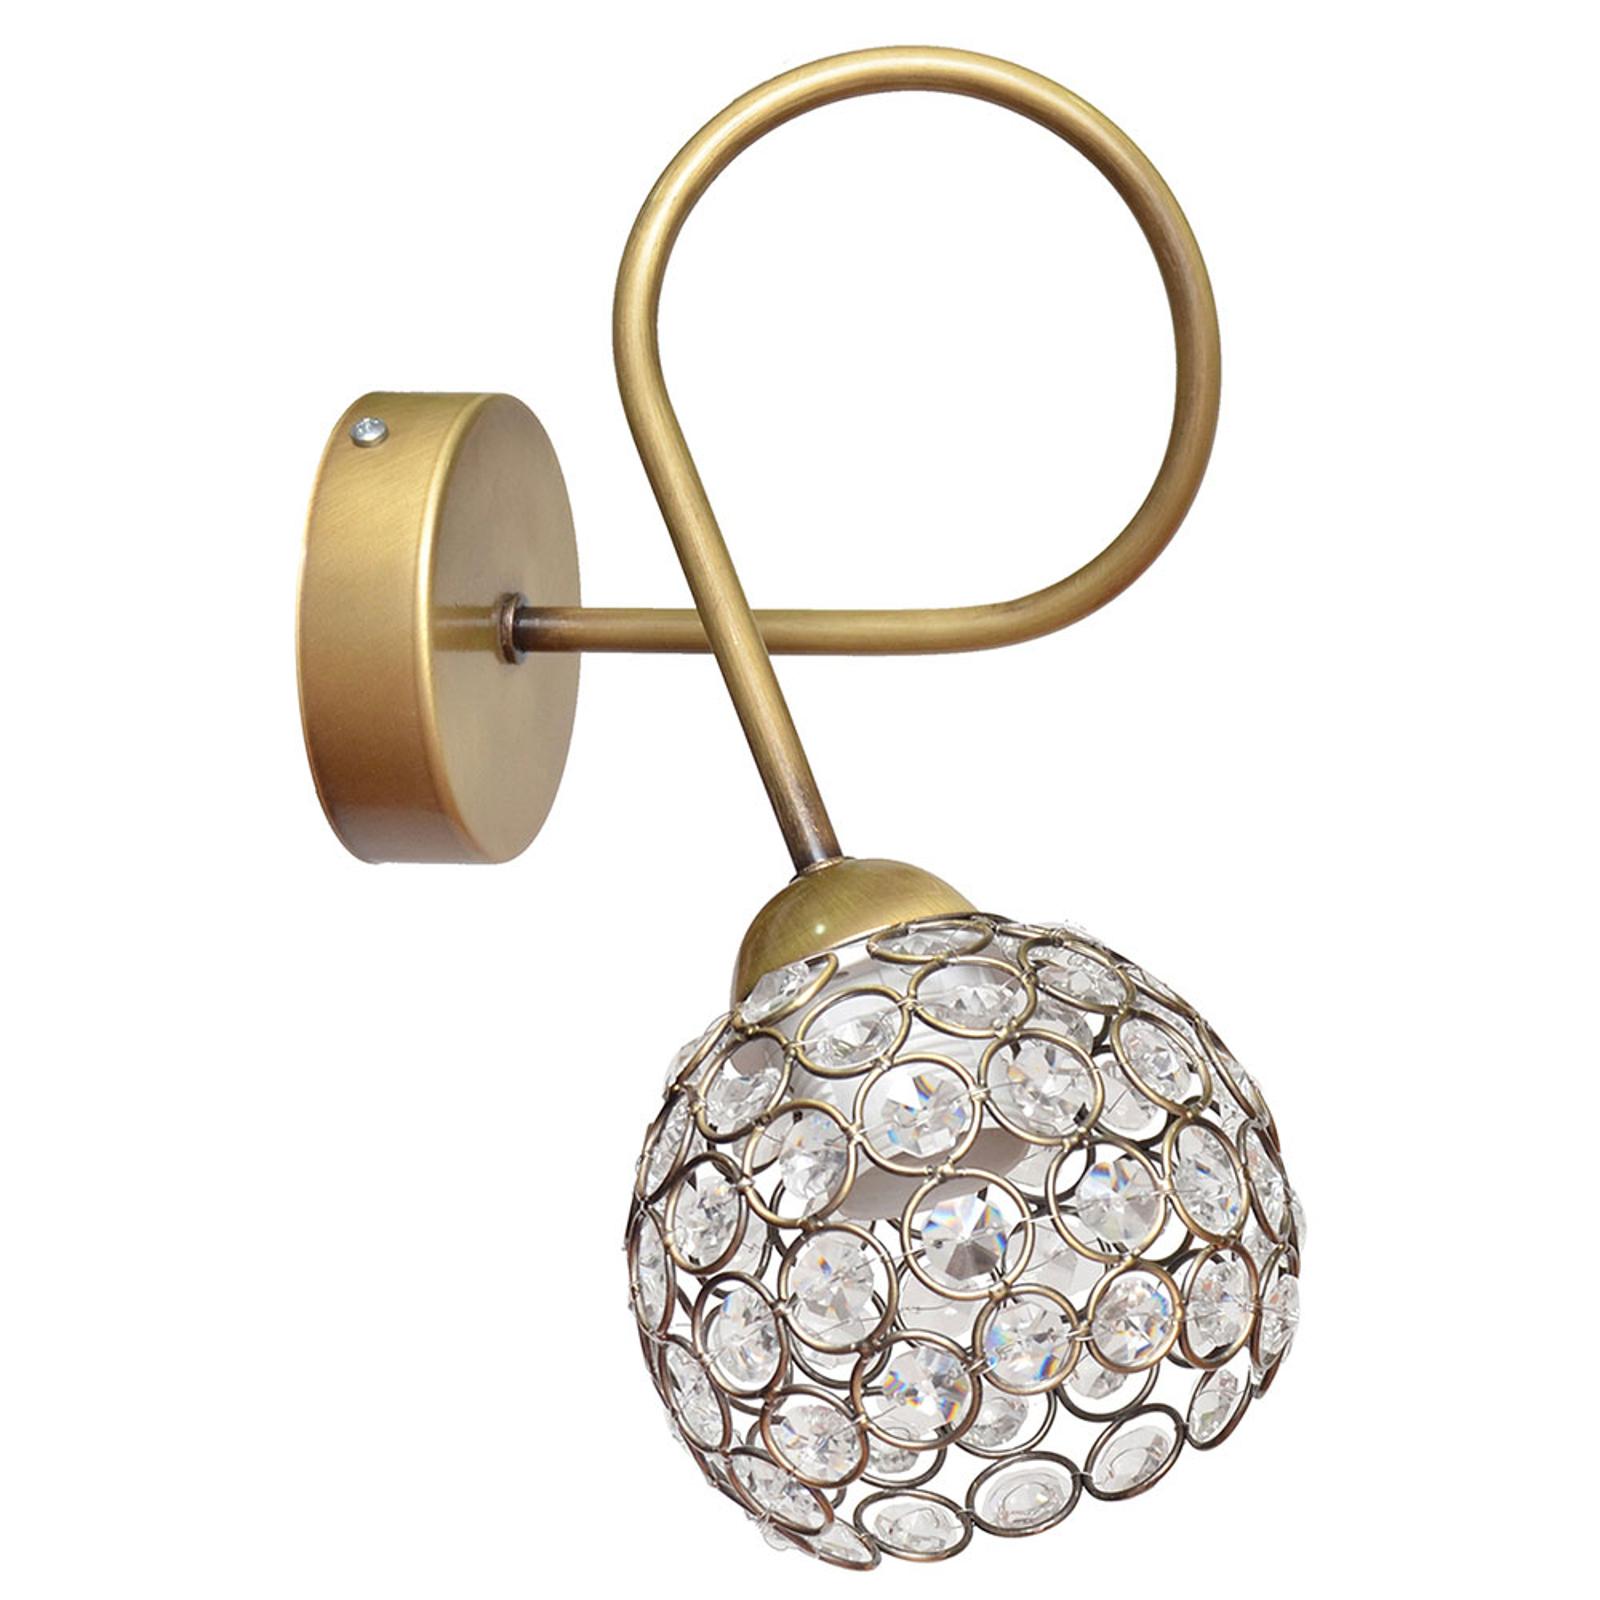 Lampa sufitowa Oxford złota z kryształami